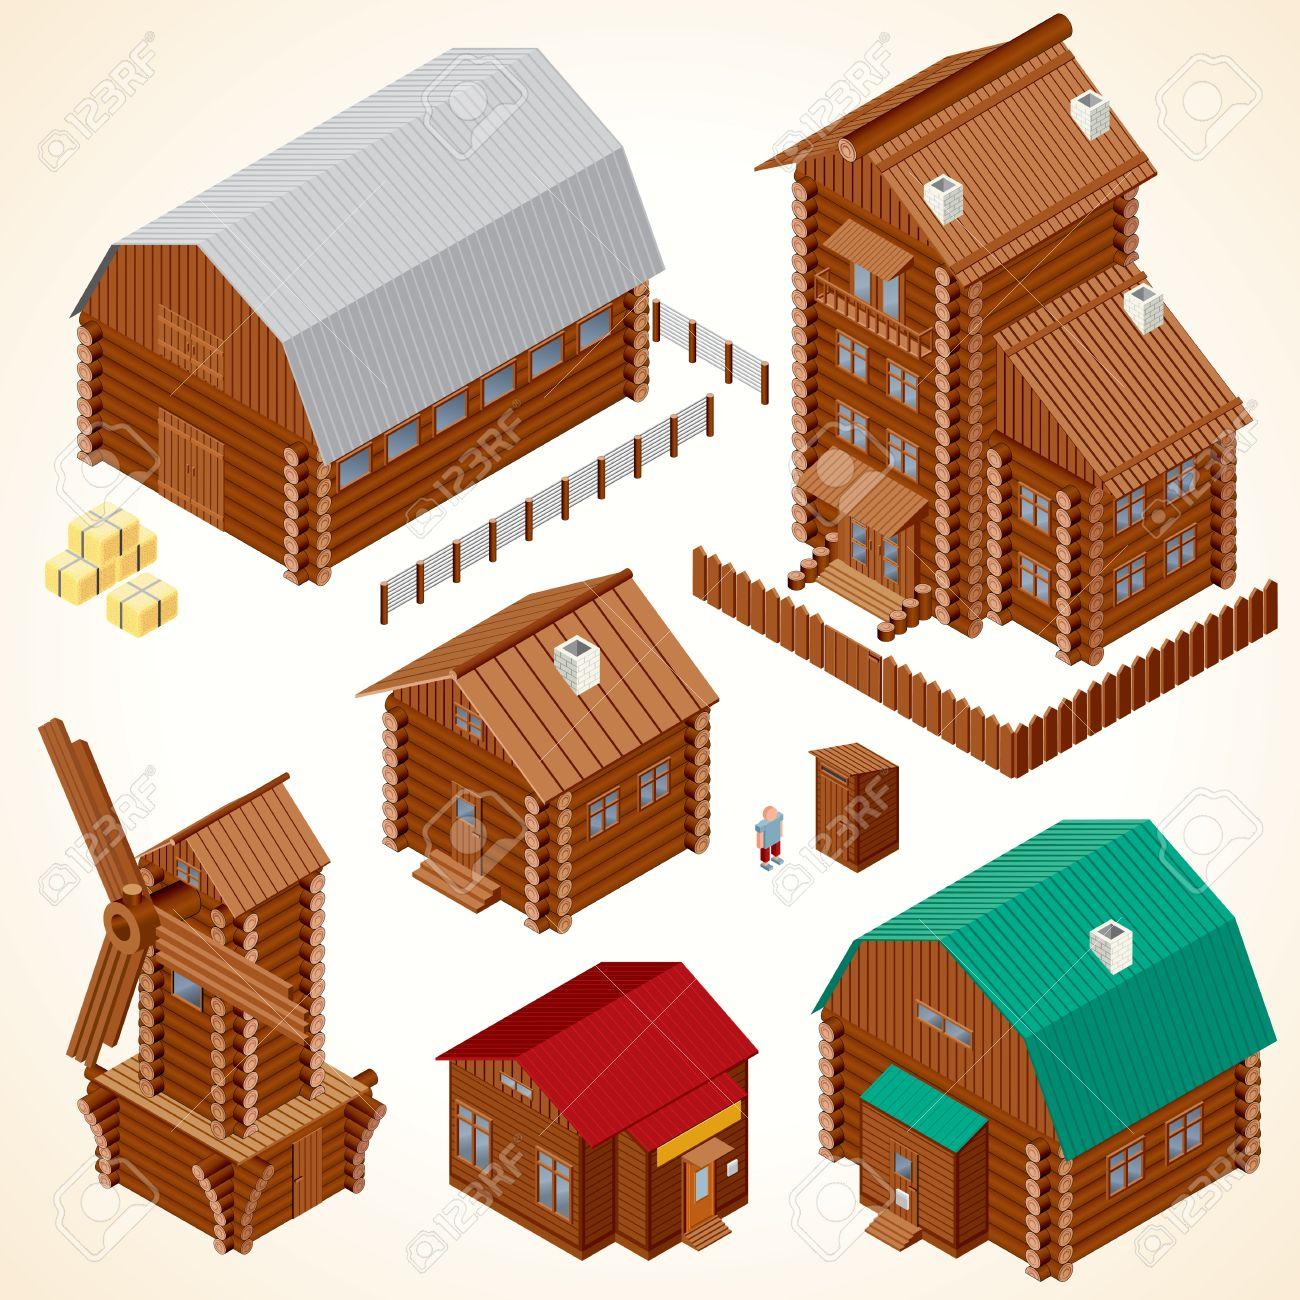 Casas De Madera Isometricos Casa Rural Cabana De Madera Molino De